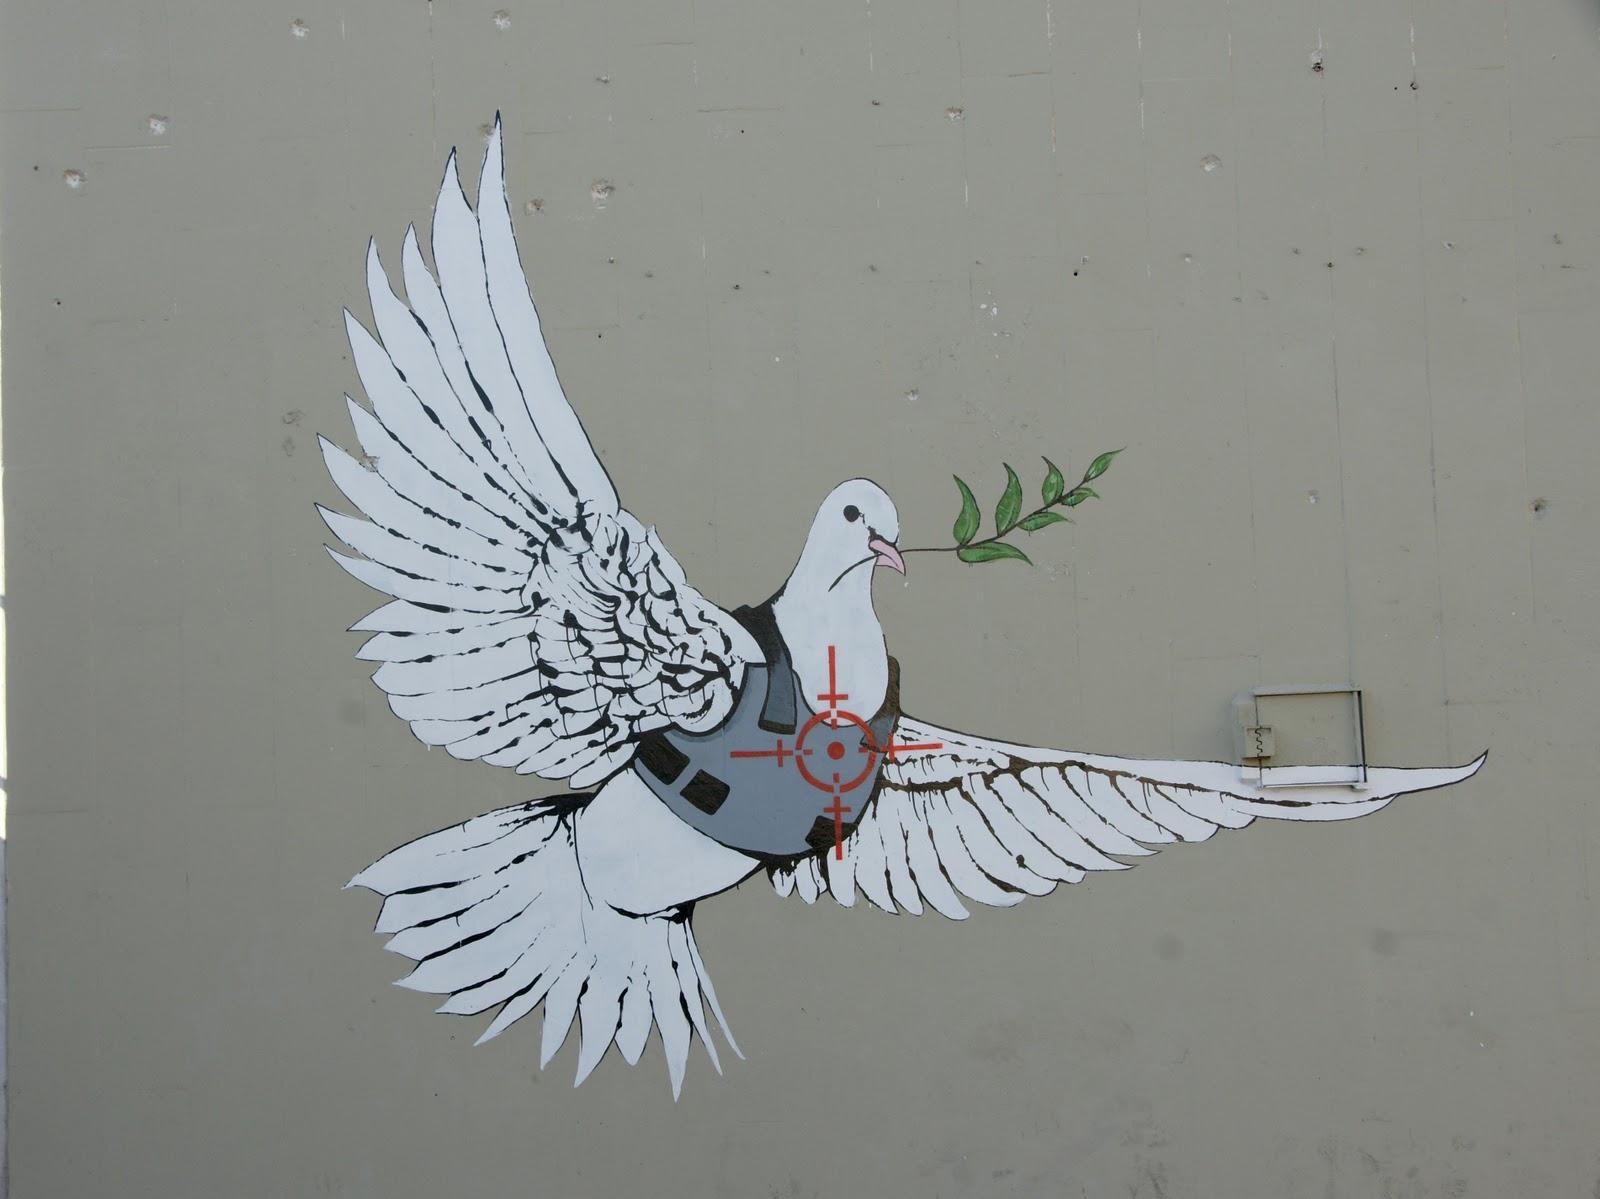 Хочет ли Порошенко войны, или особый статус Донецкой и Луганской областей (законопроект 5081 от 16.09.2014 г.)